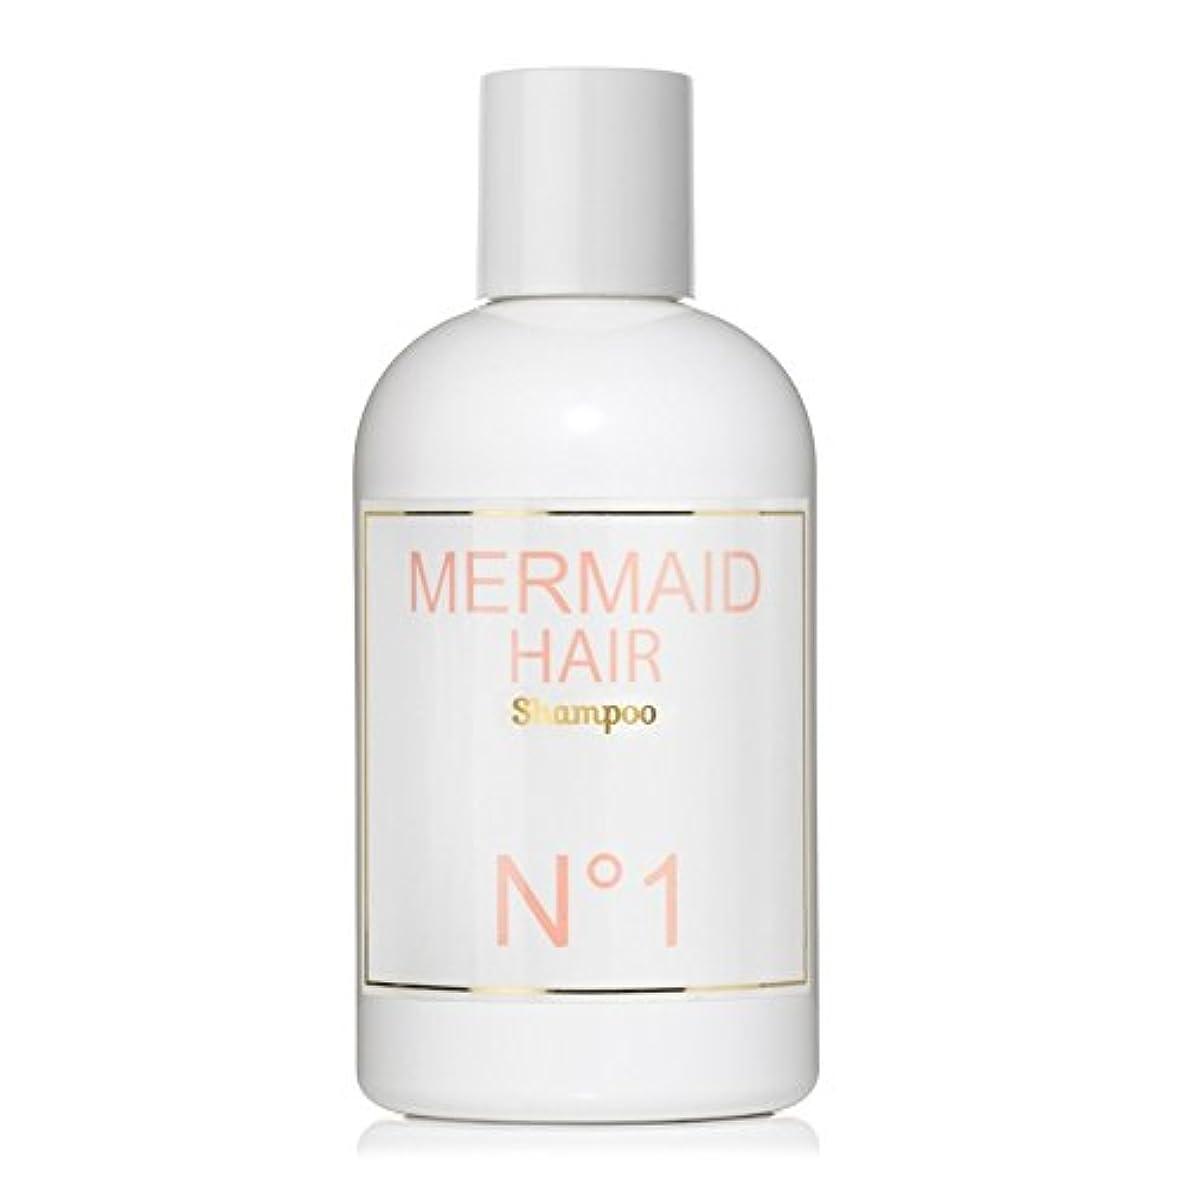 縫う著作権禁止する人魚香水人魚のシャンプー237ミリリットル x4 - Mermaid Perfume Mermaid Shampoo 237ml (Pack of 4) [並行輸入品]